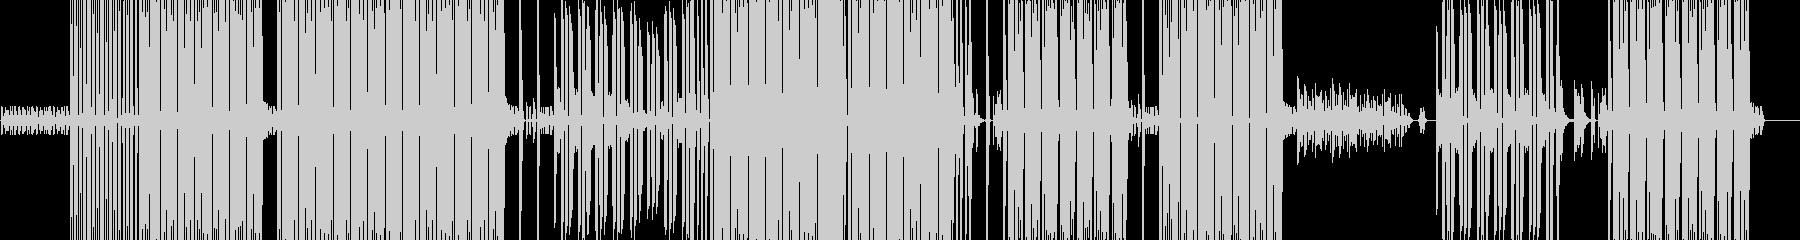 グルーブ、ループ、シンセ、アンビエ...の未再生の波形